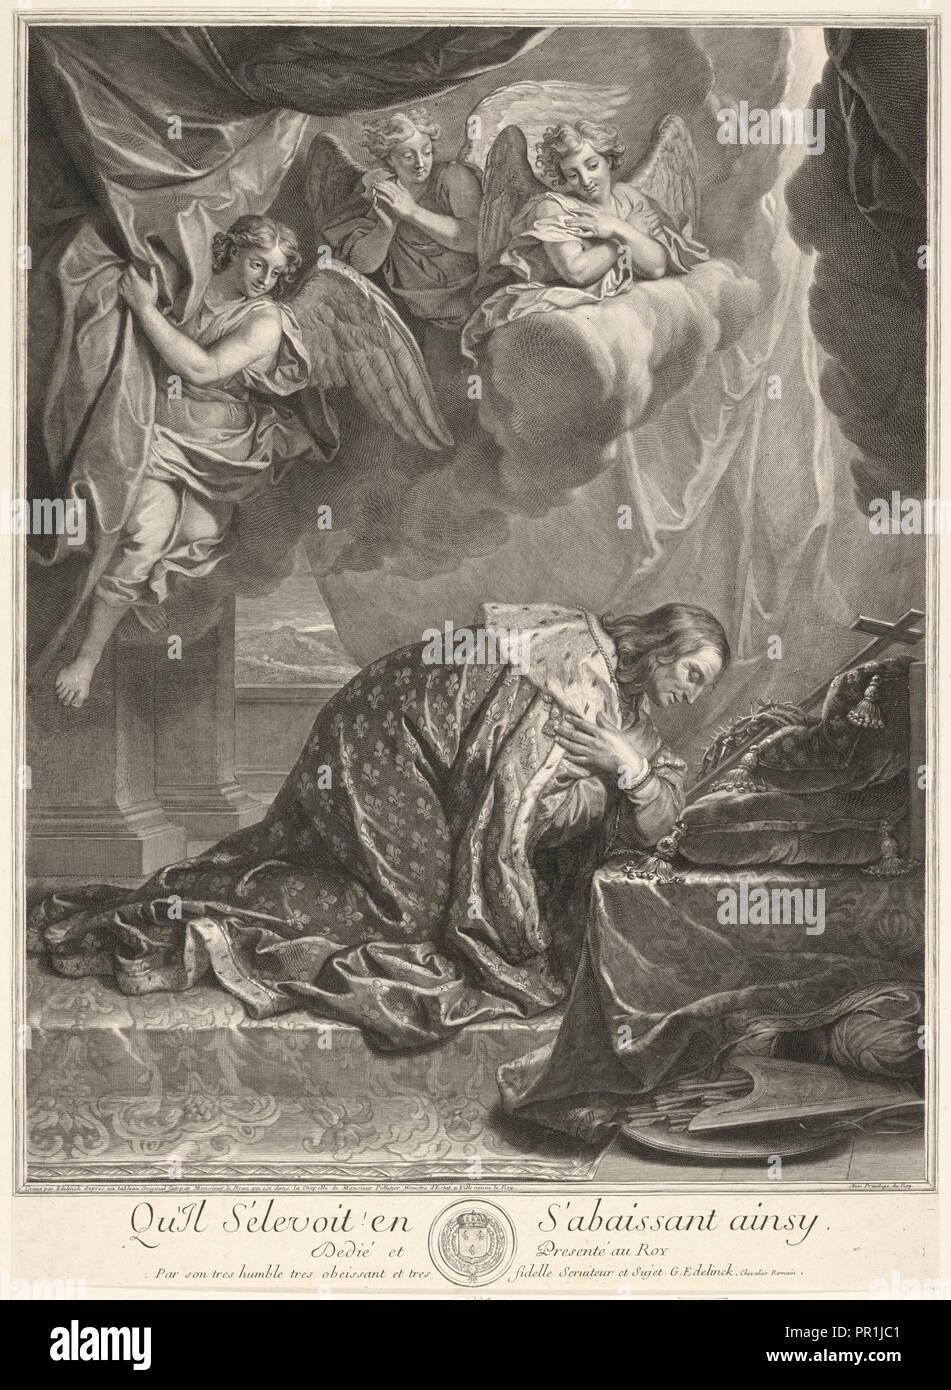 Retrato de San Luis, rey de Francia, Gérard Edelinck, 1640-1707, Charles Le Brun, 1619-1690, grabado en blanco y negro Foto de stock